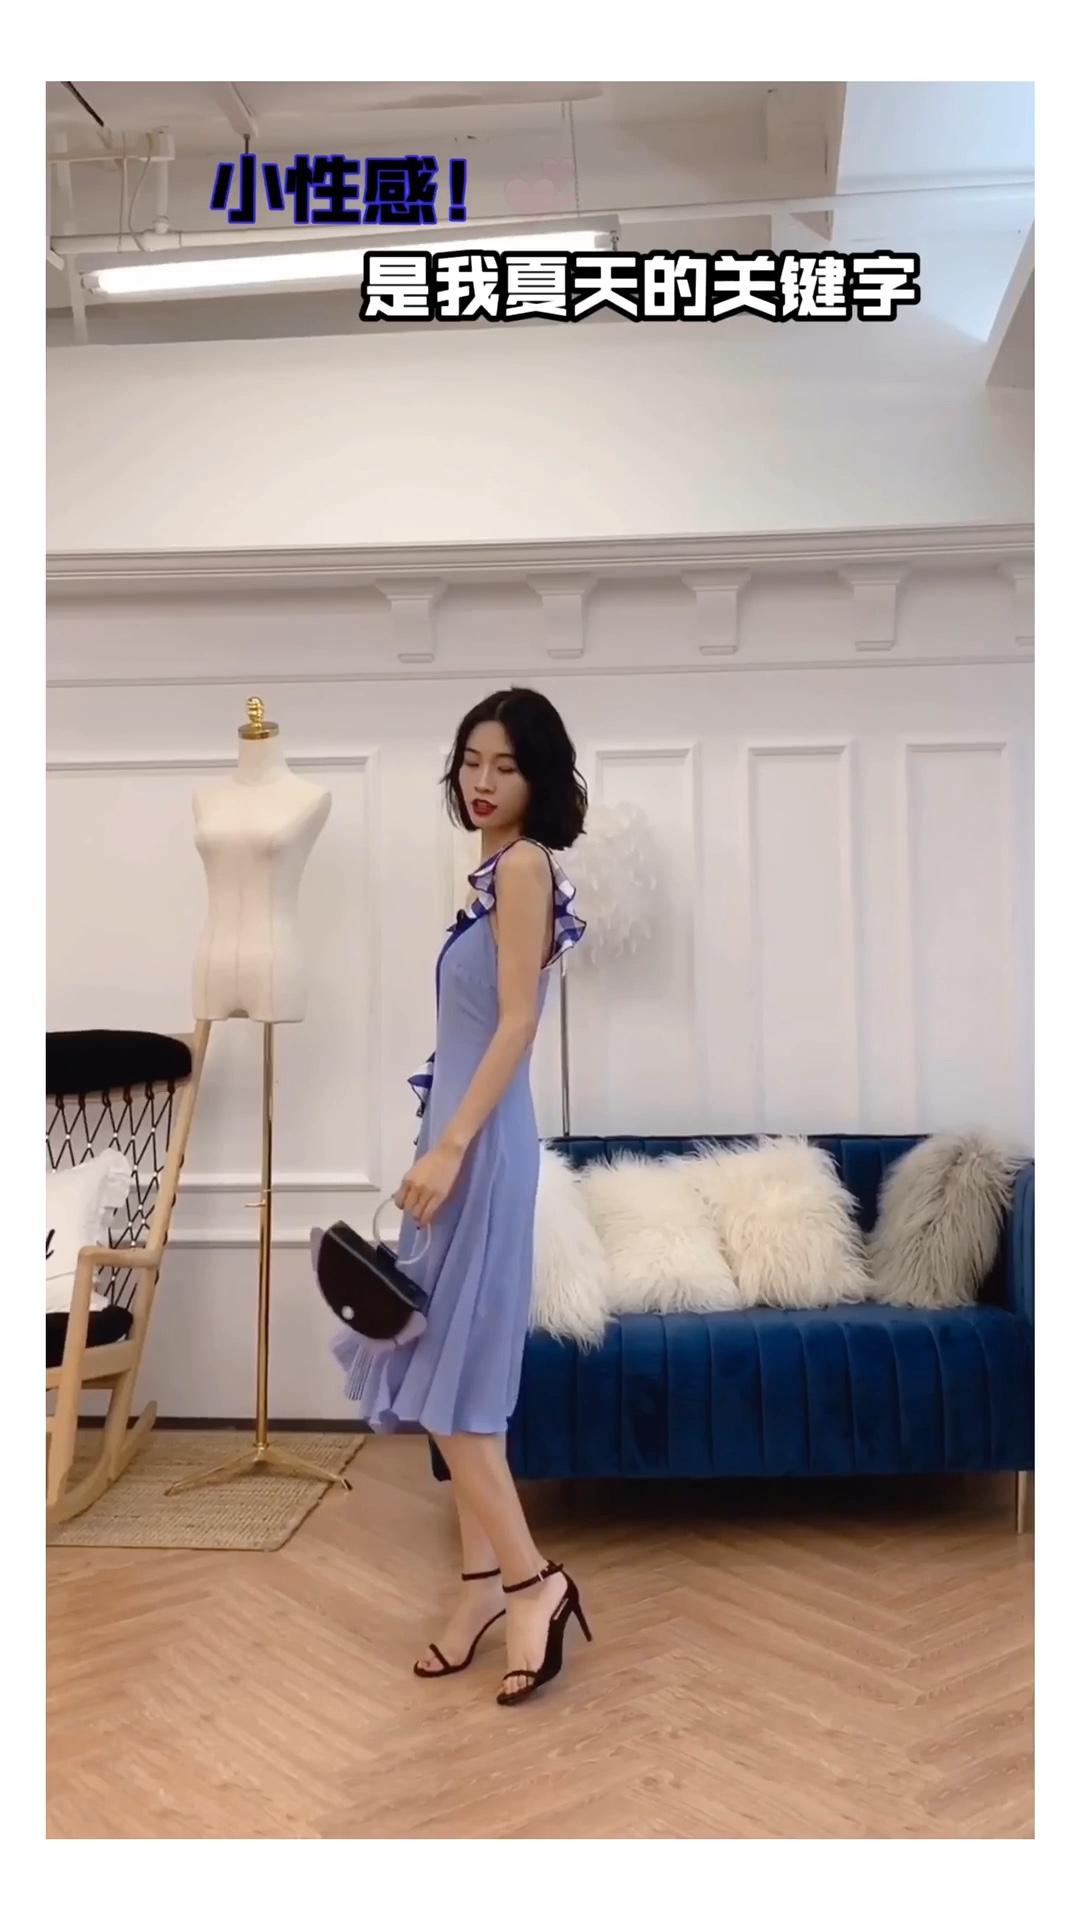 #小性感!是我夏天的关键词#  身高166 体重92 (尺码S  夏日完美小裙裙,以蓝色为基调拼接了自带复古感的格纹面料,利用精巧的拼接打造出了优雅知性的感觉。快穿上这条裙子在夏天里一起美丽吧~